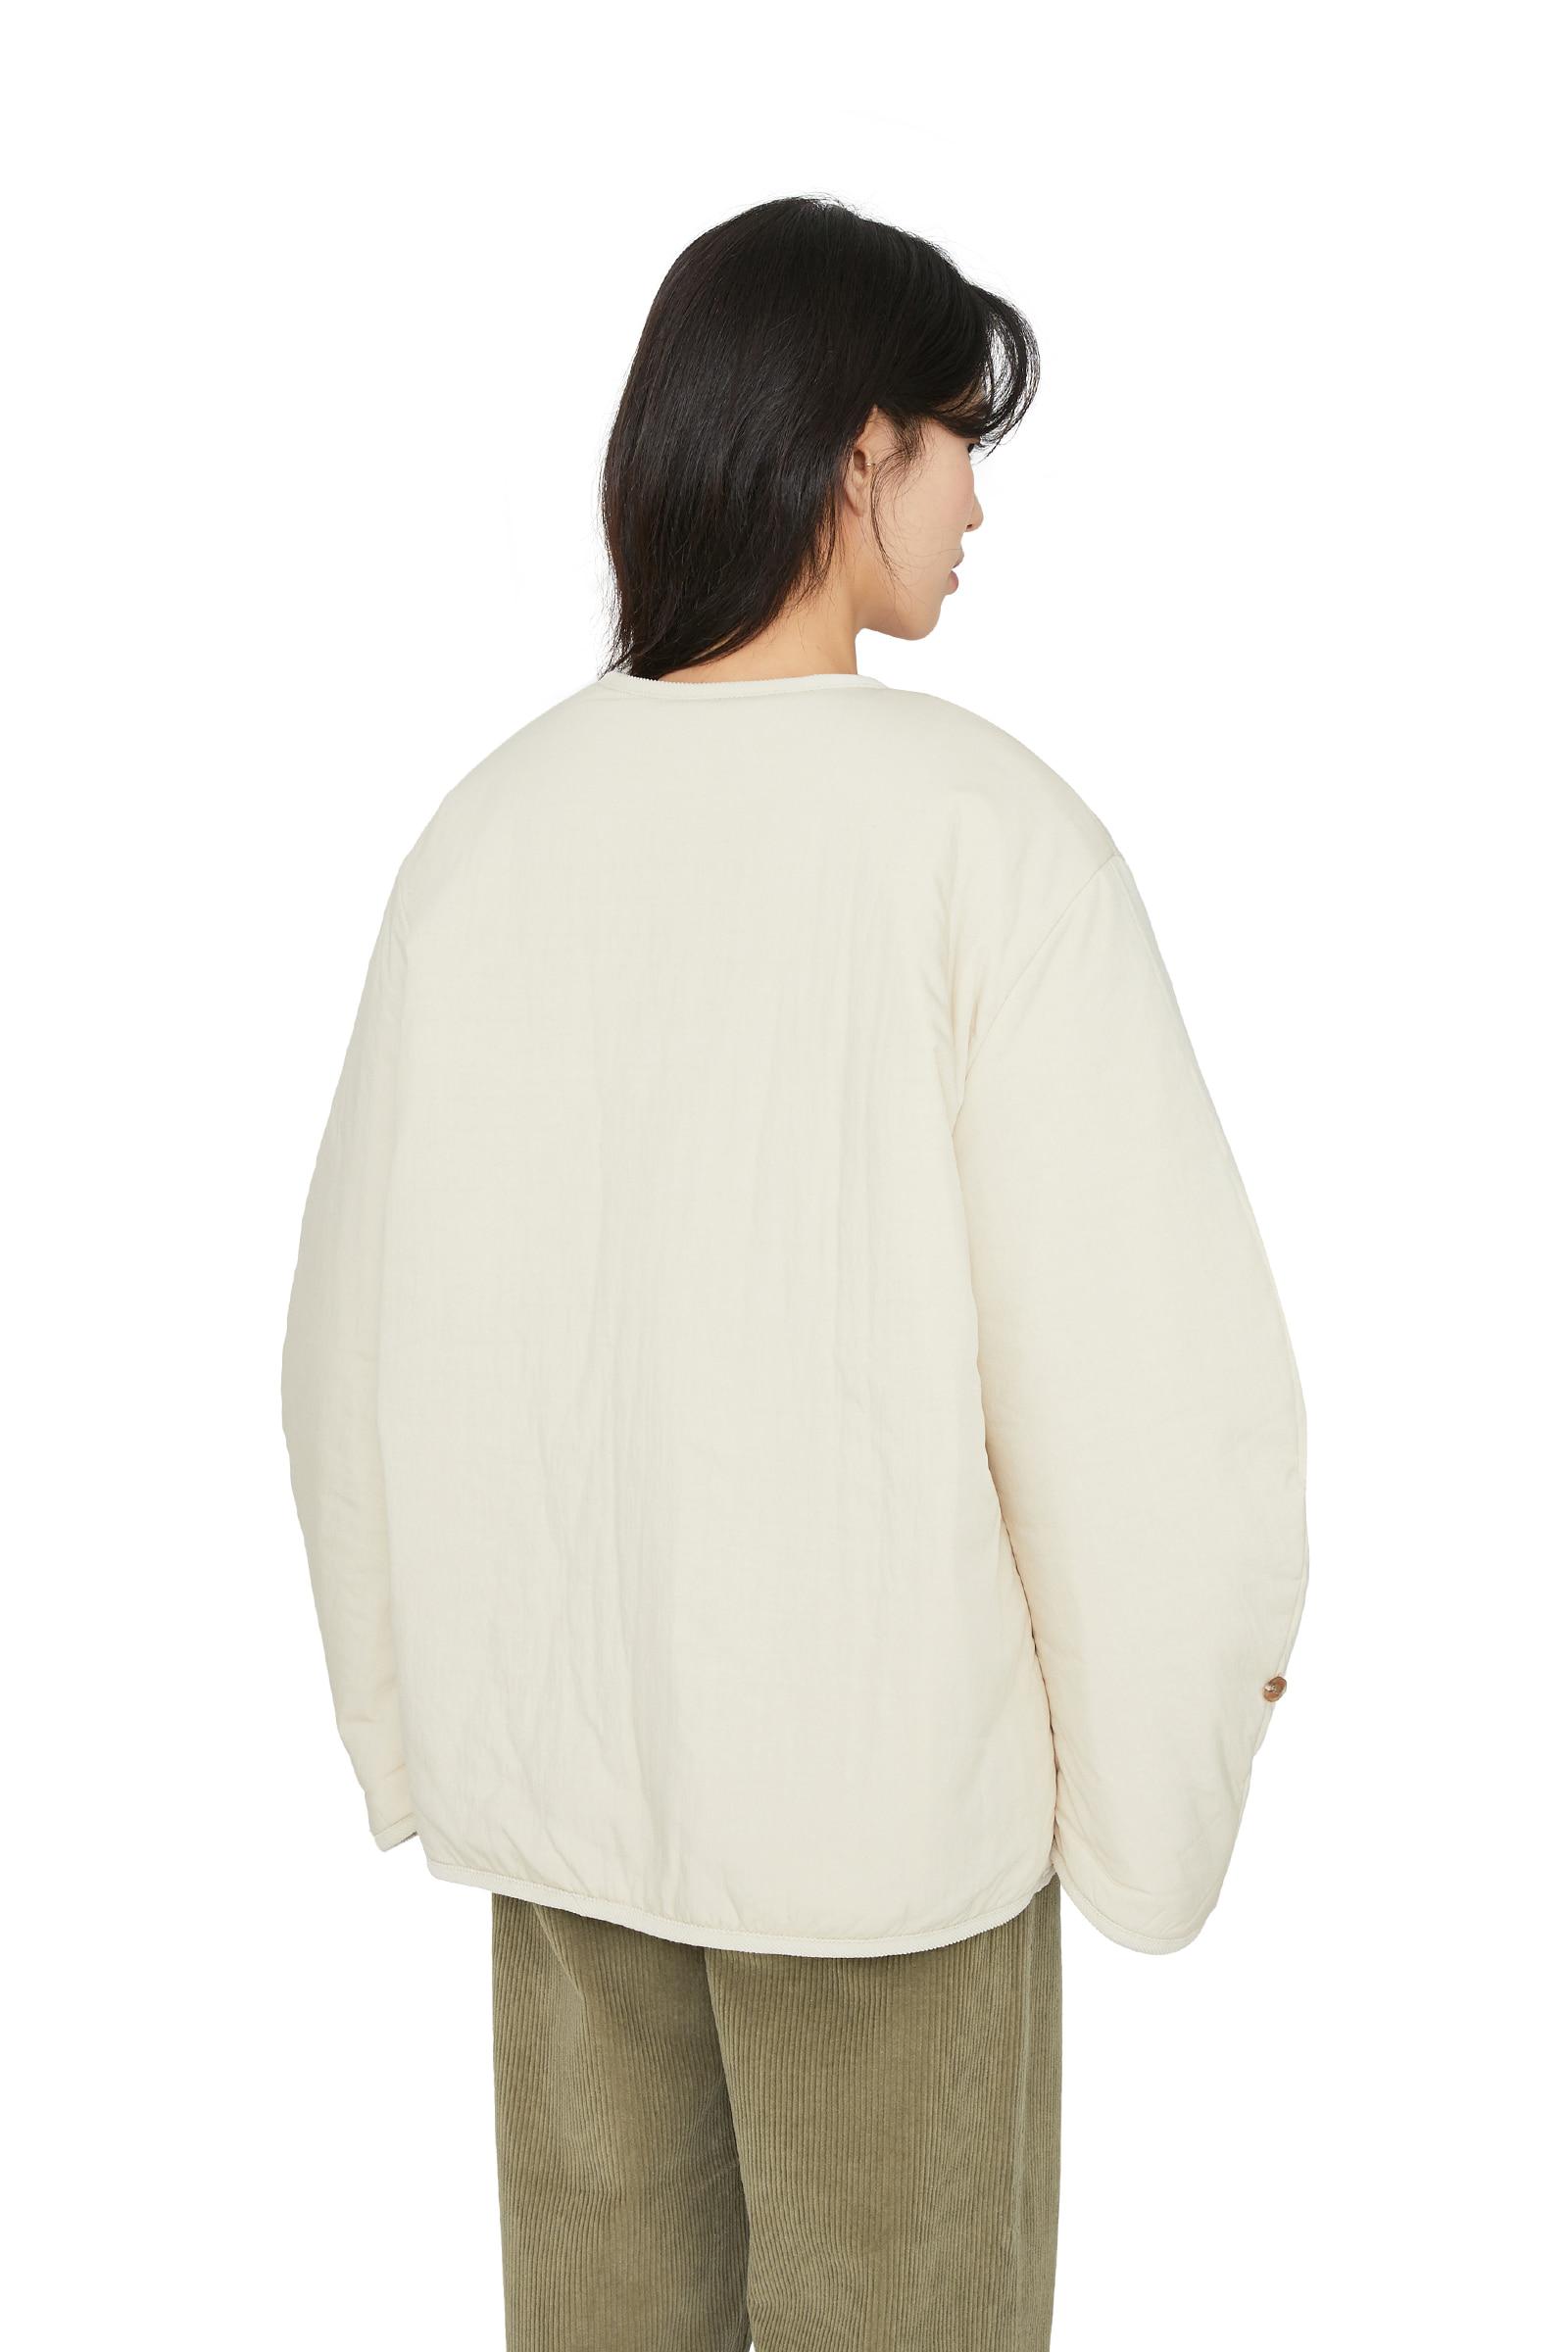 Every Shea Parka Coat